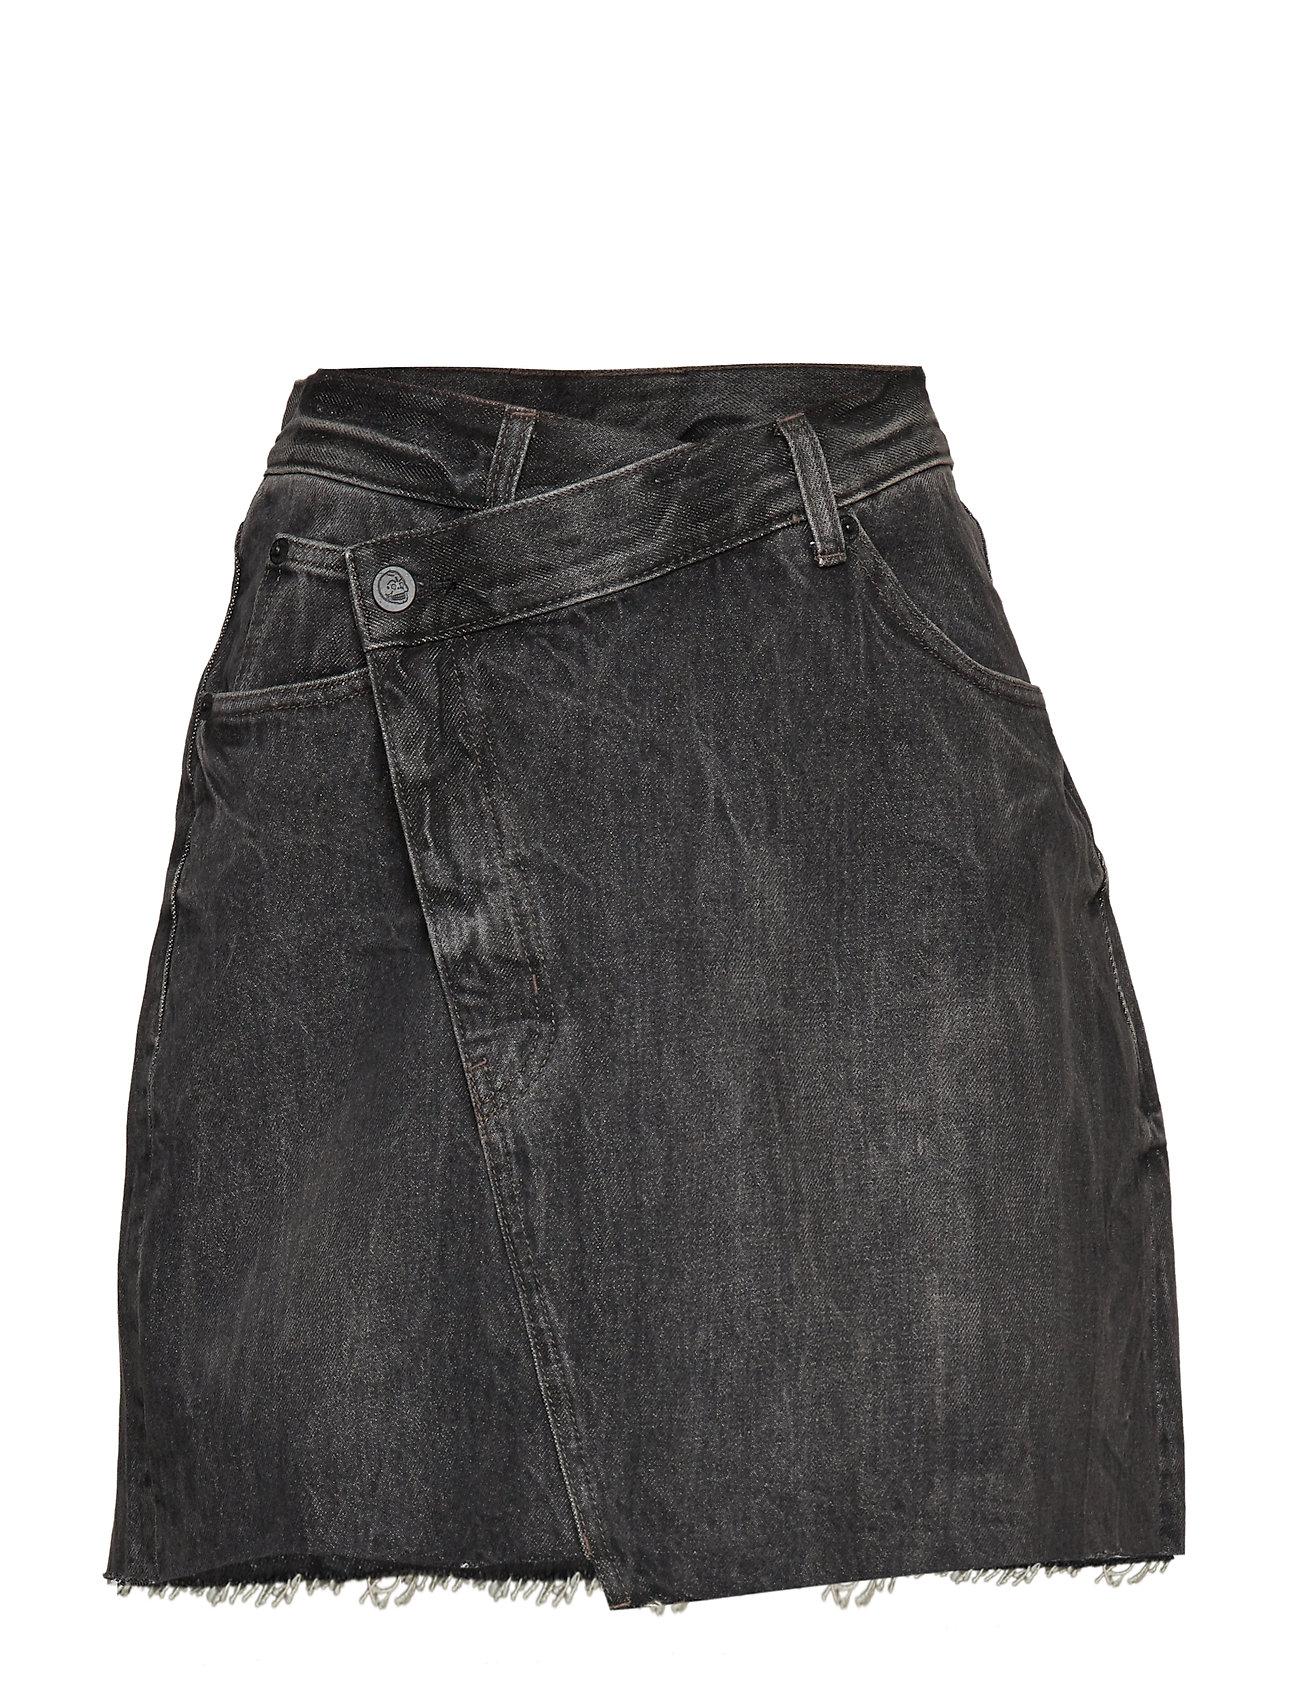 Cheap Monday Slant Skirt Black Crinkle - BLACK